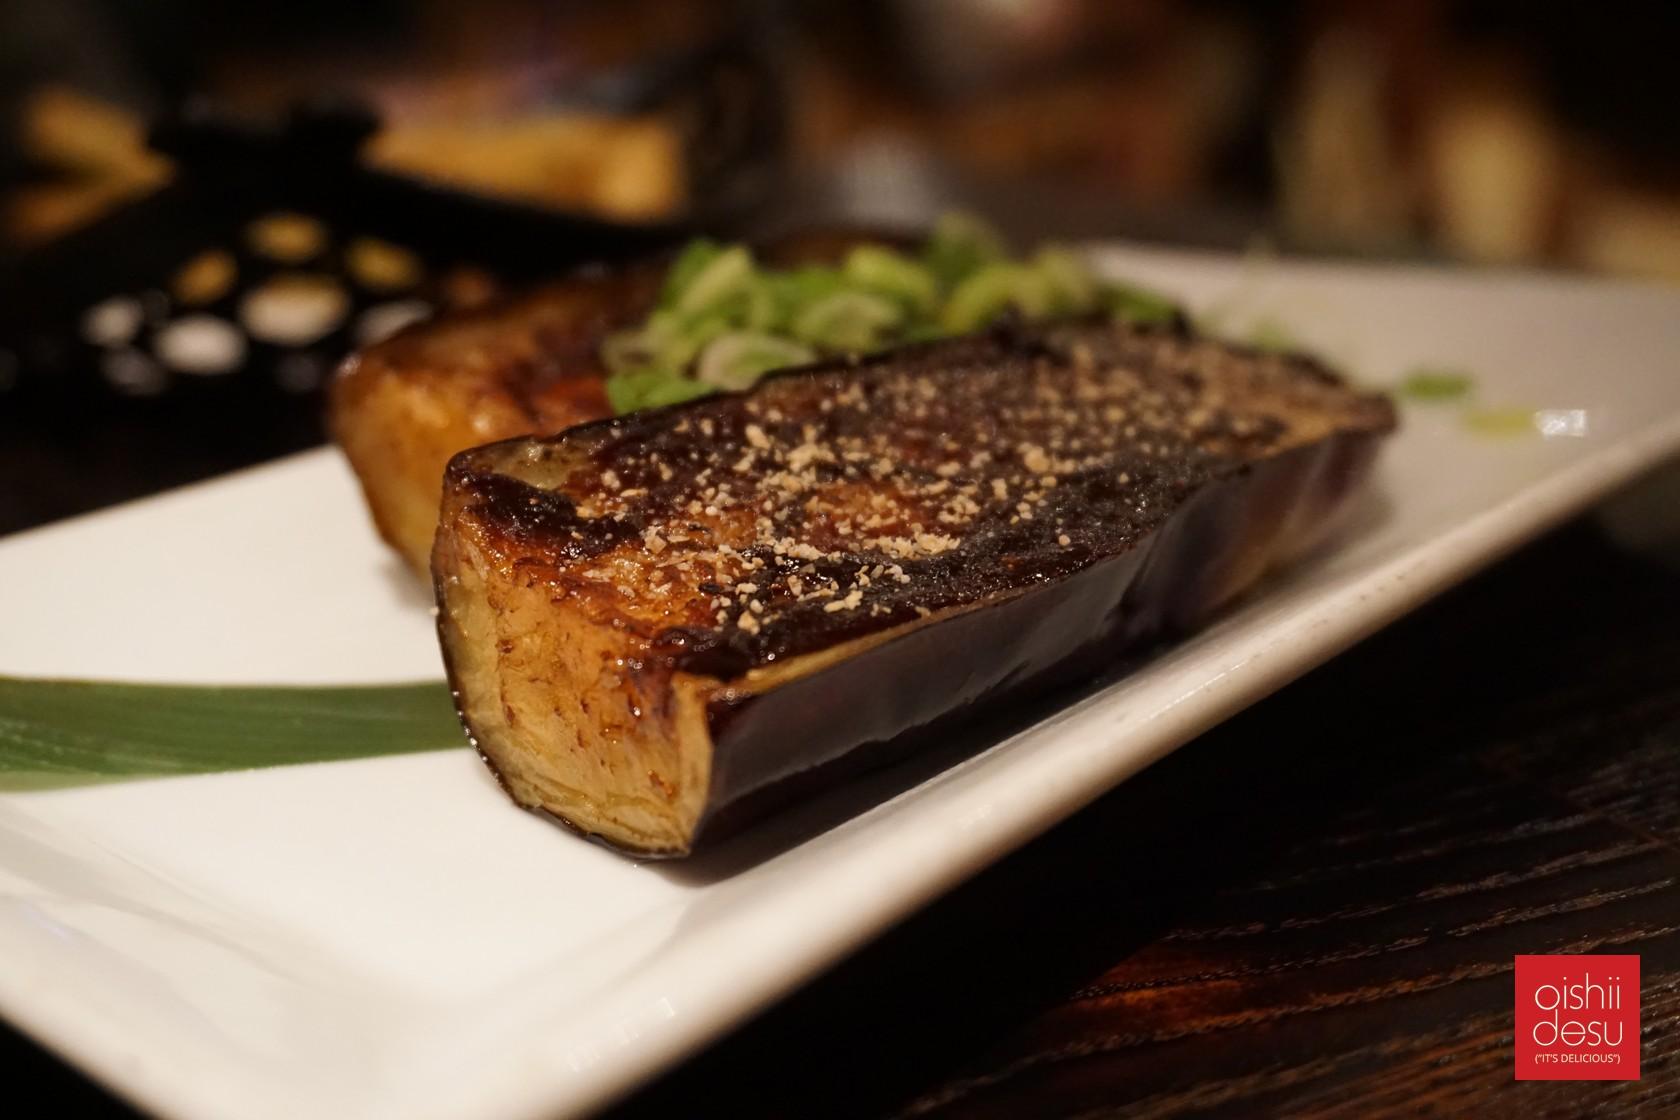 Japanese eggplant with dengaku miso $4.95